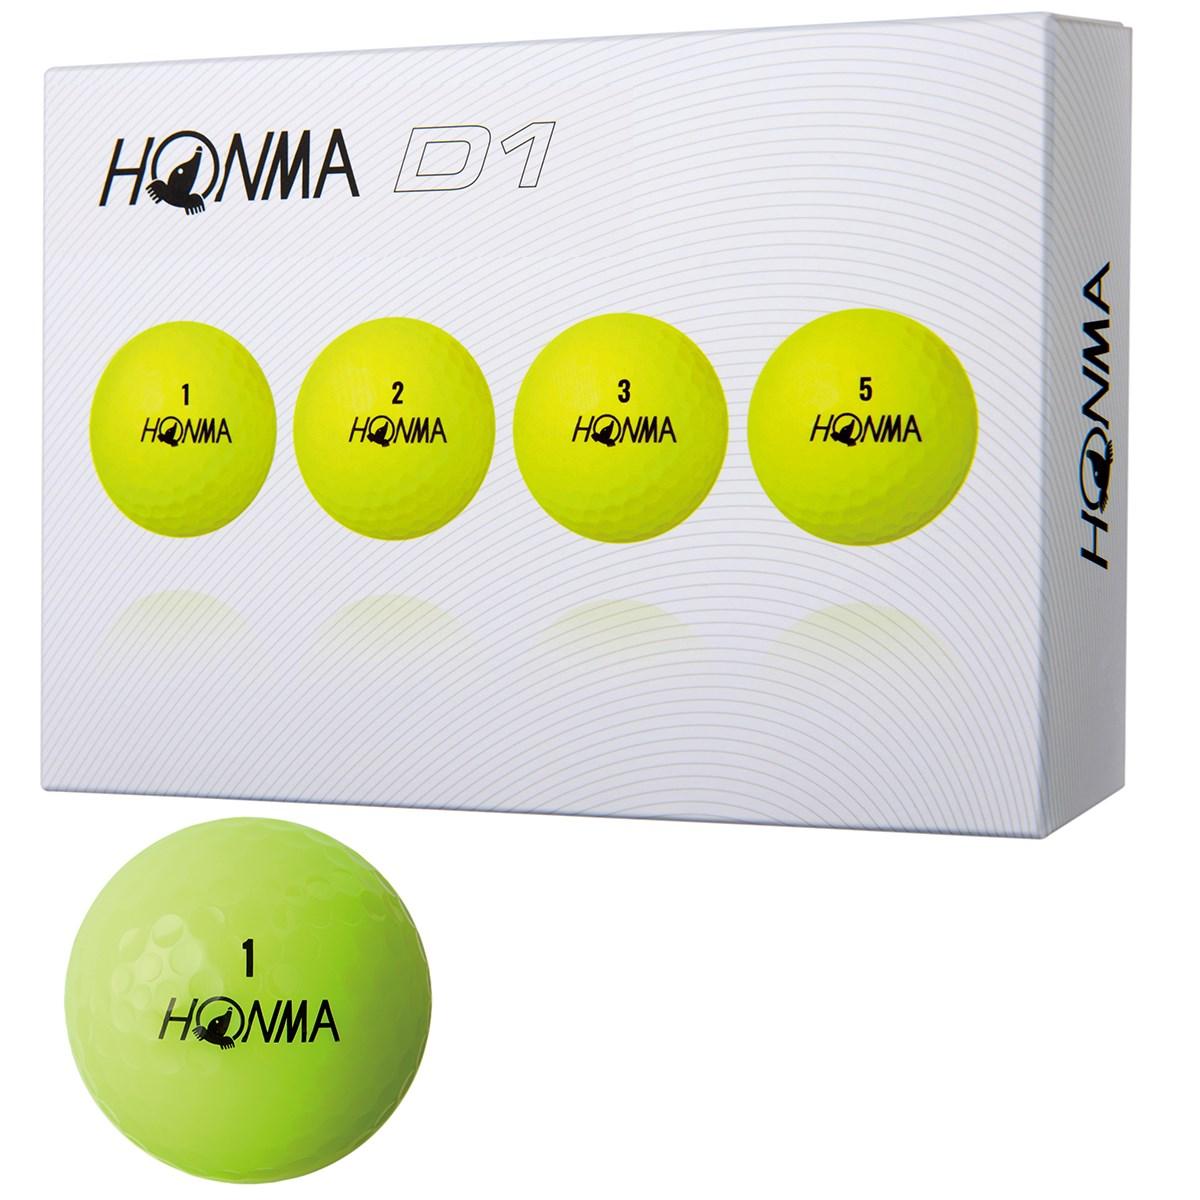 本間ゴルフ HONMA D1 ボール 2018年モデル 1ダース(12個入り) イエロー